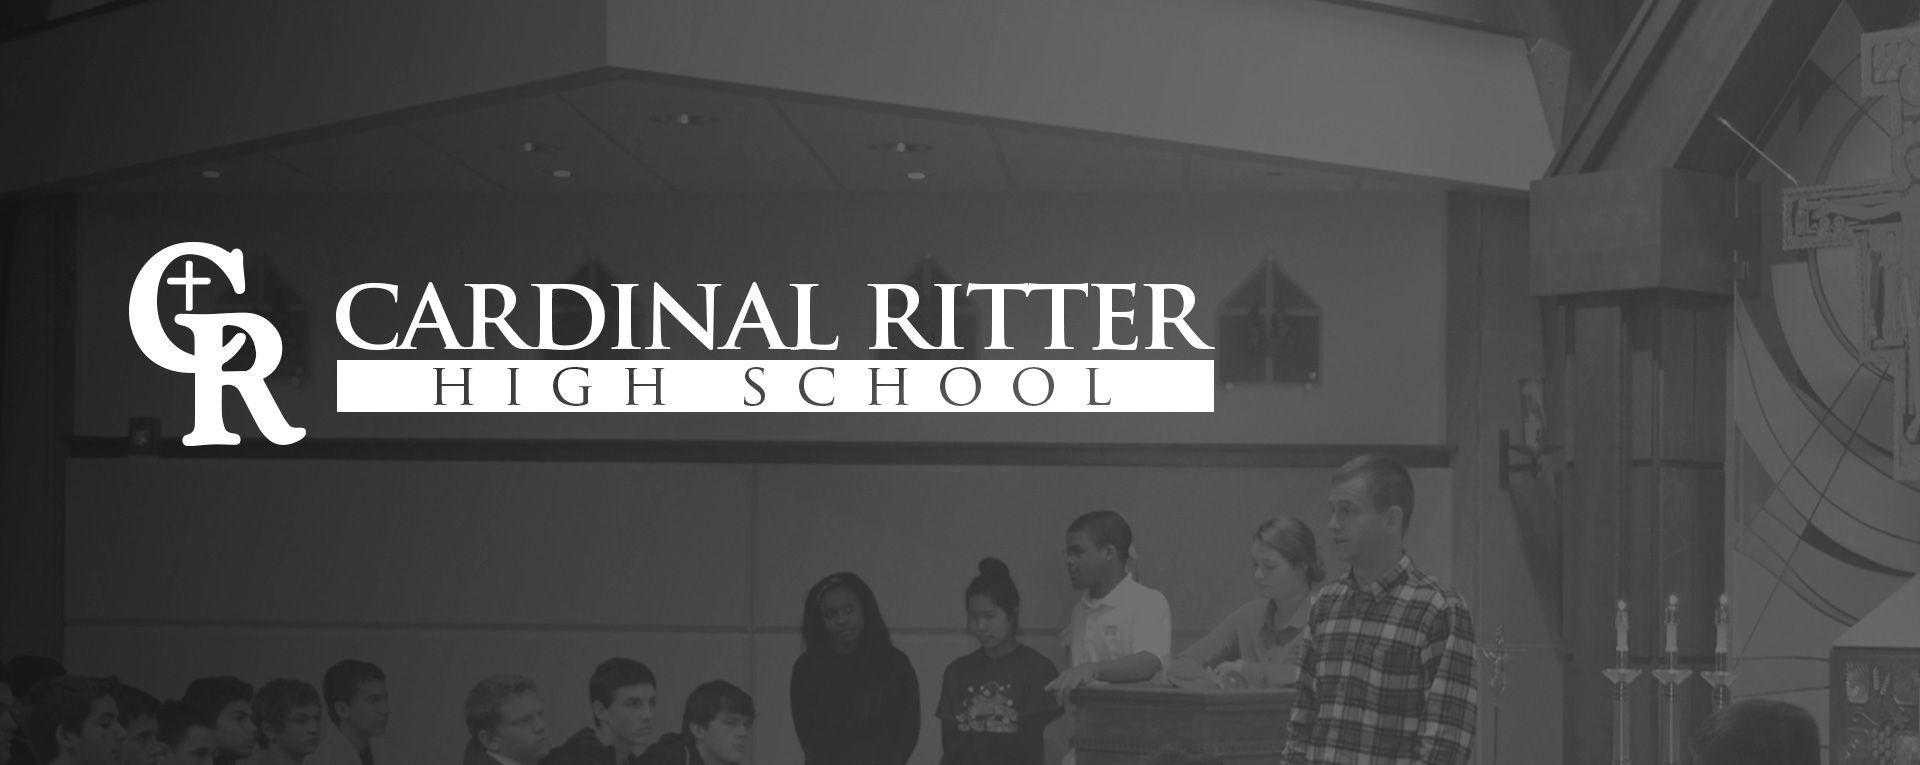 Cardinal Ritter